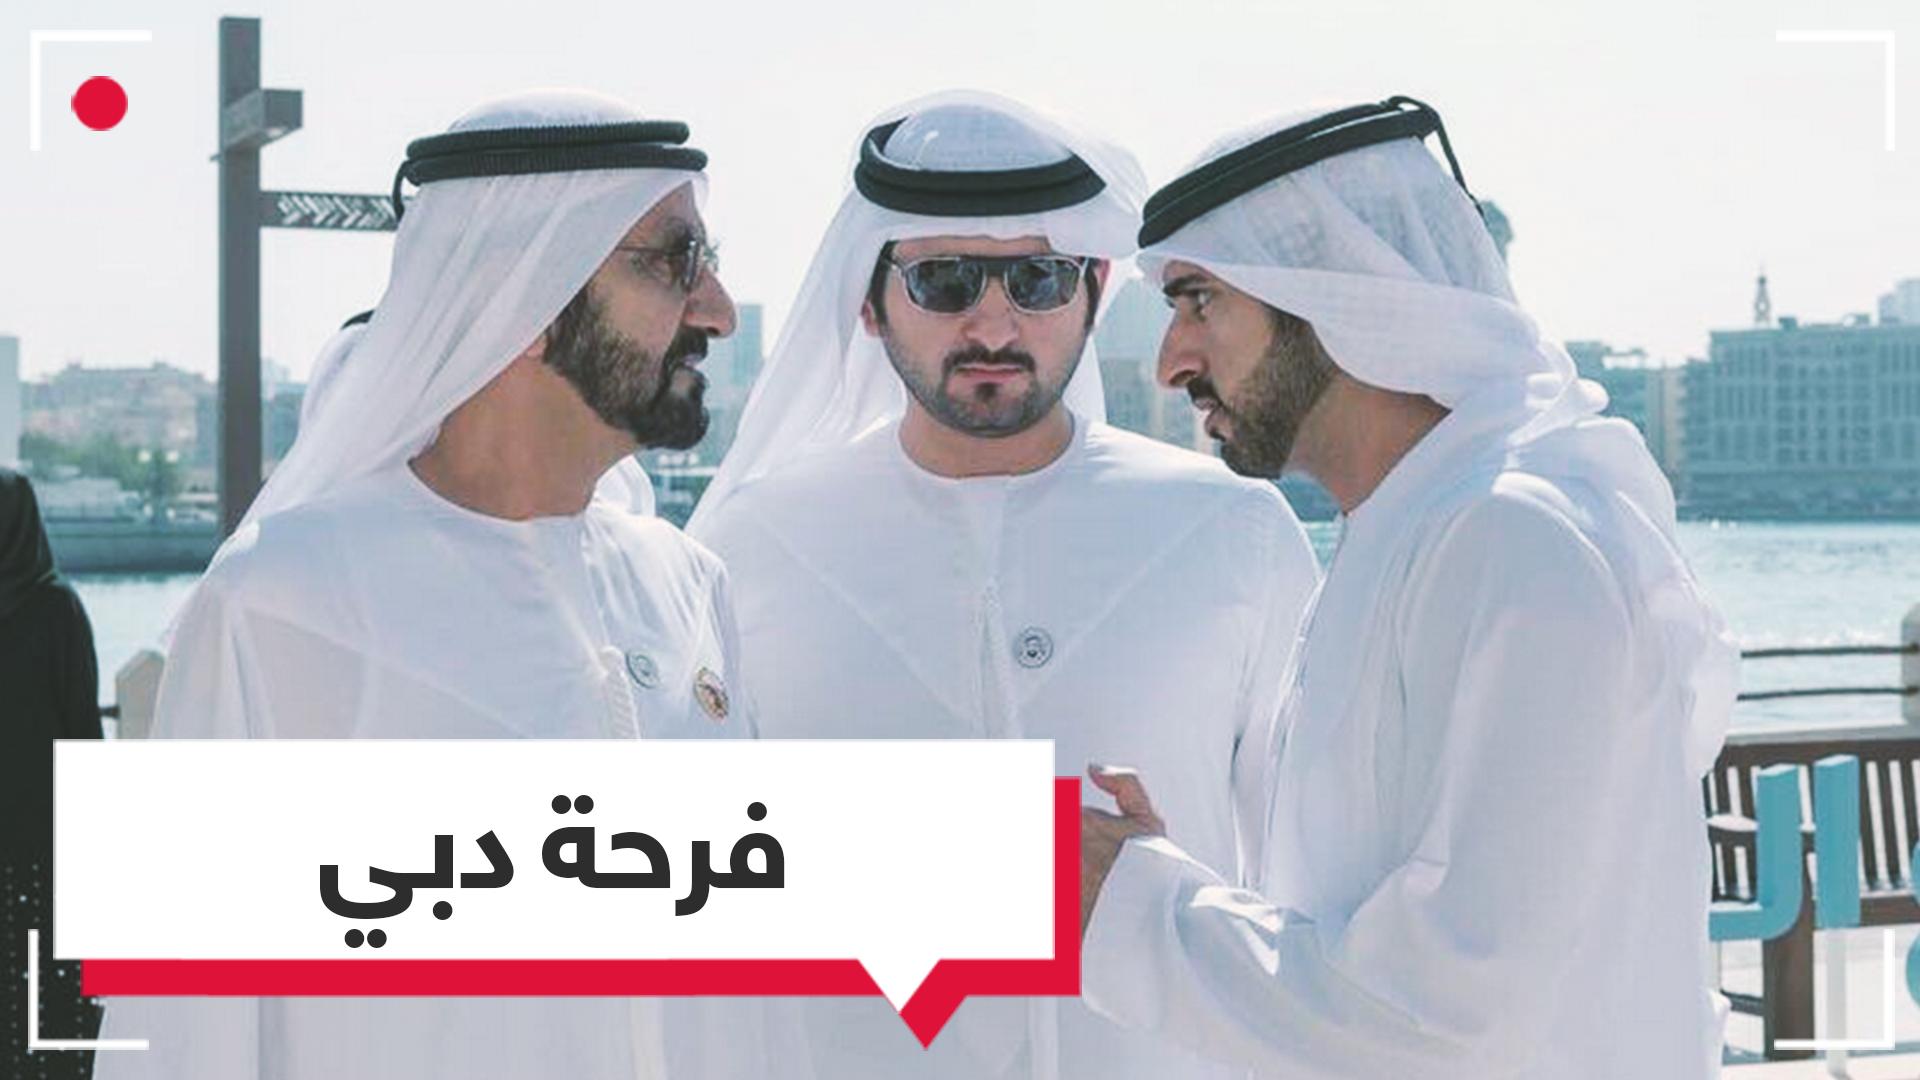 """""""فرحة ثلاثية"""" وصورة """"يتيمة"""".. عقد قران أبناء حاكم دبي في يوم واحد.. ما القصة؟"""